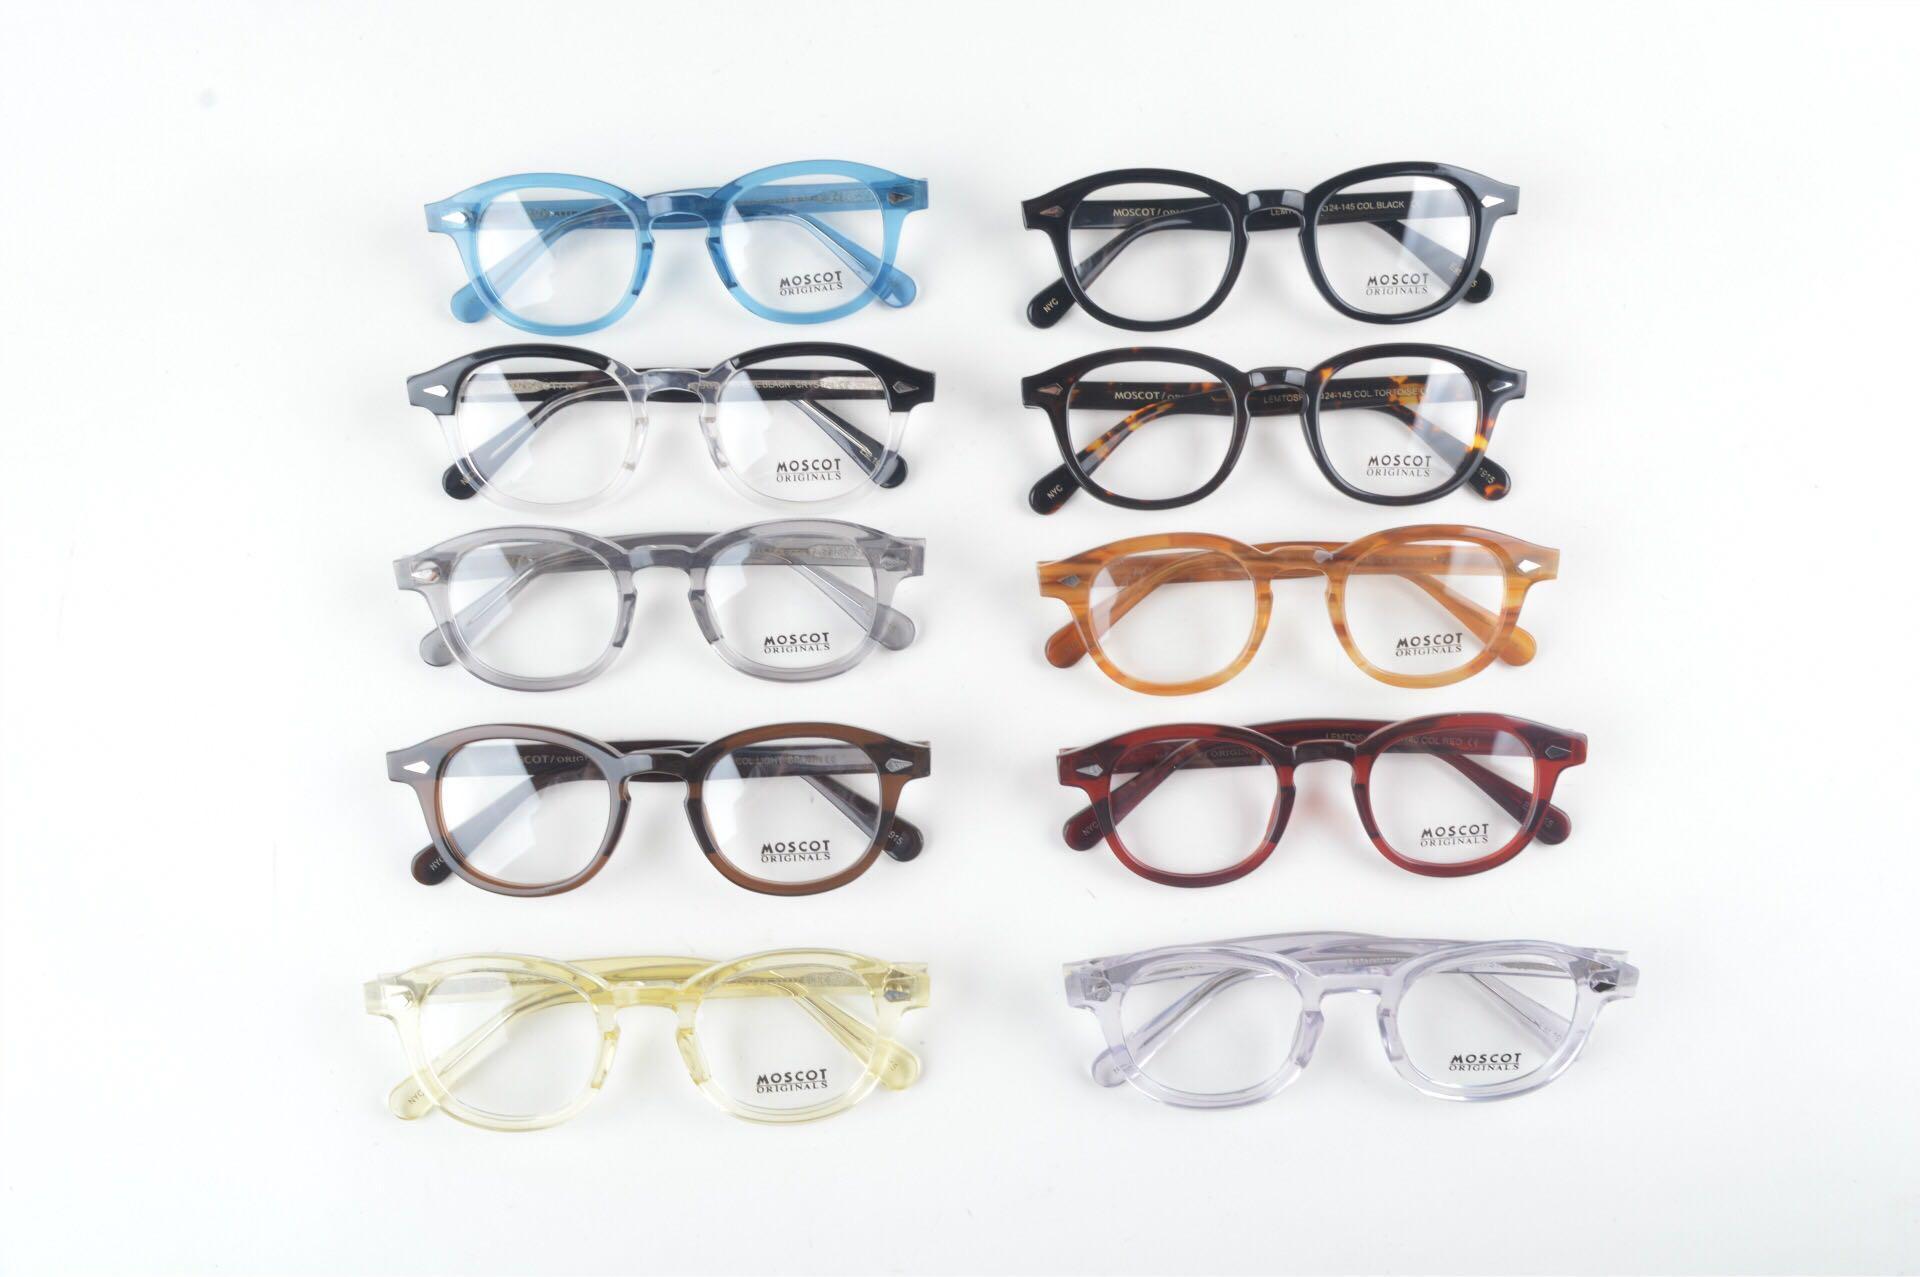 Großhandel Lemtosh Gläserrahmen Klare Linse Johnny Depp Gläser ...